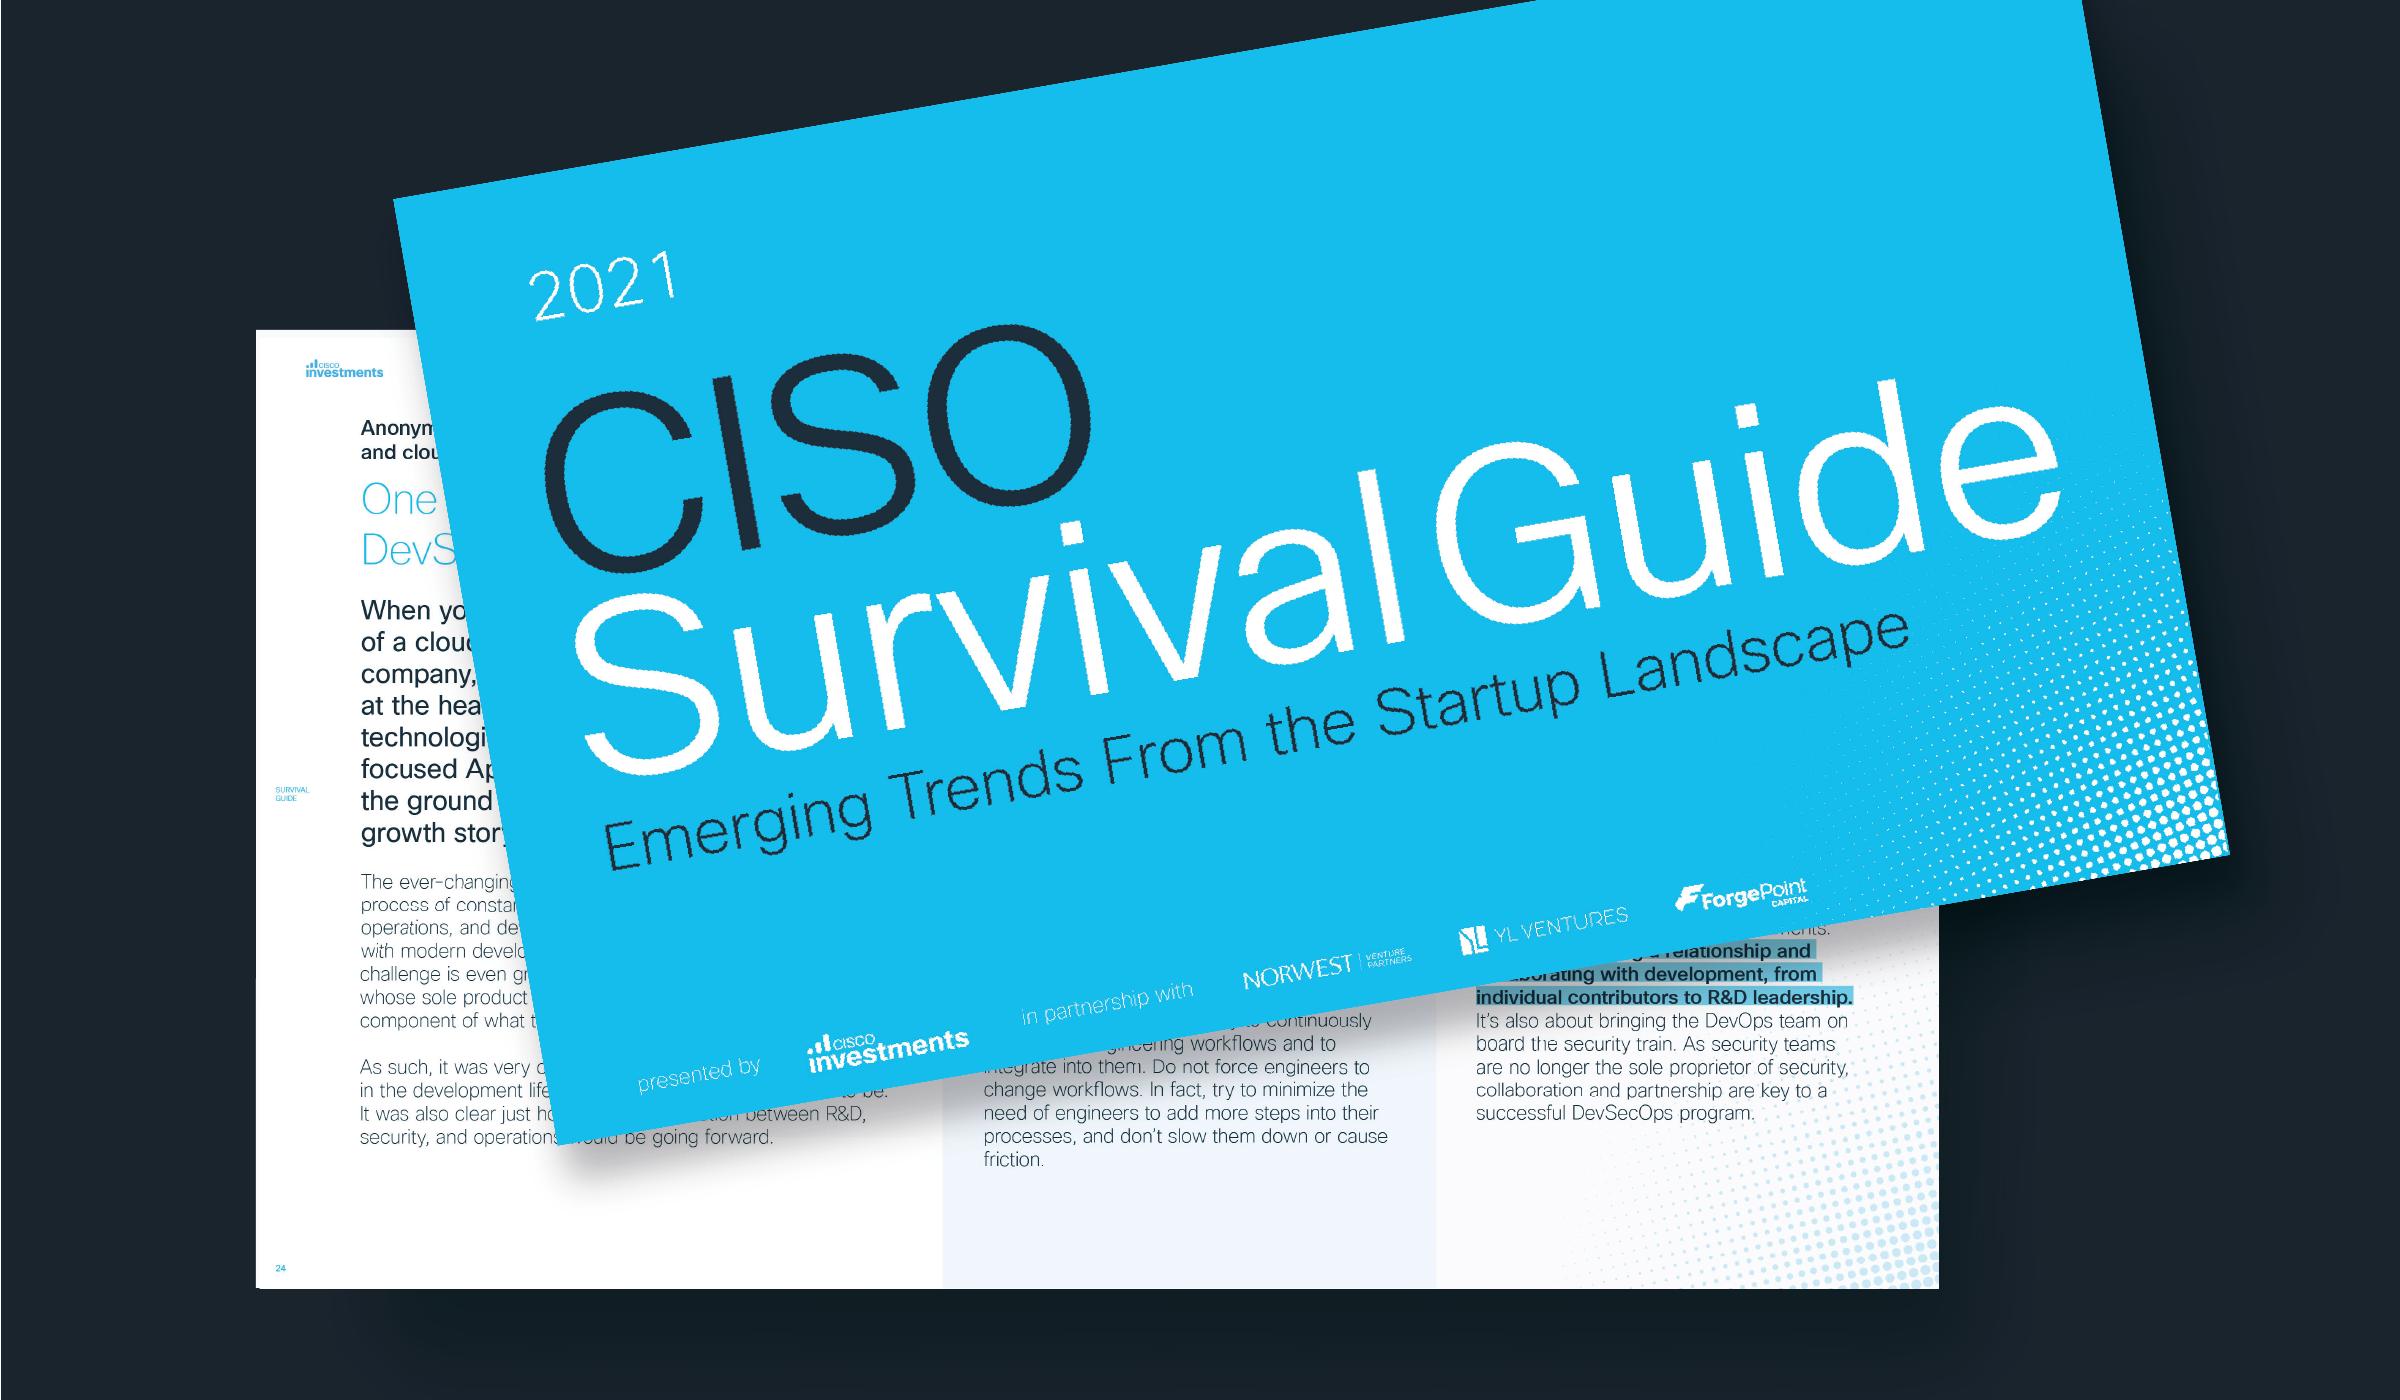 20201_CISO Surival Guide_dummy1_1200x700@2x